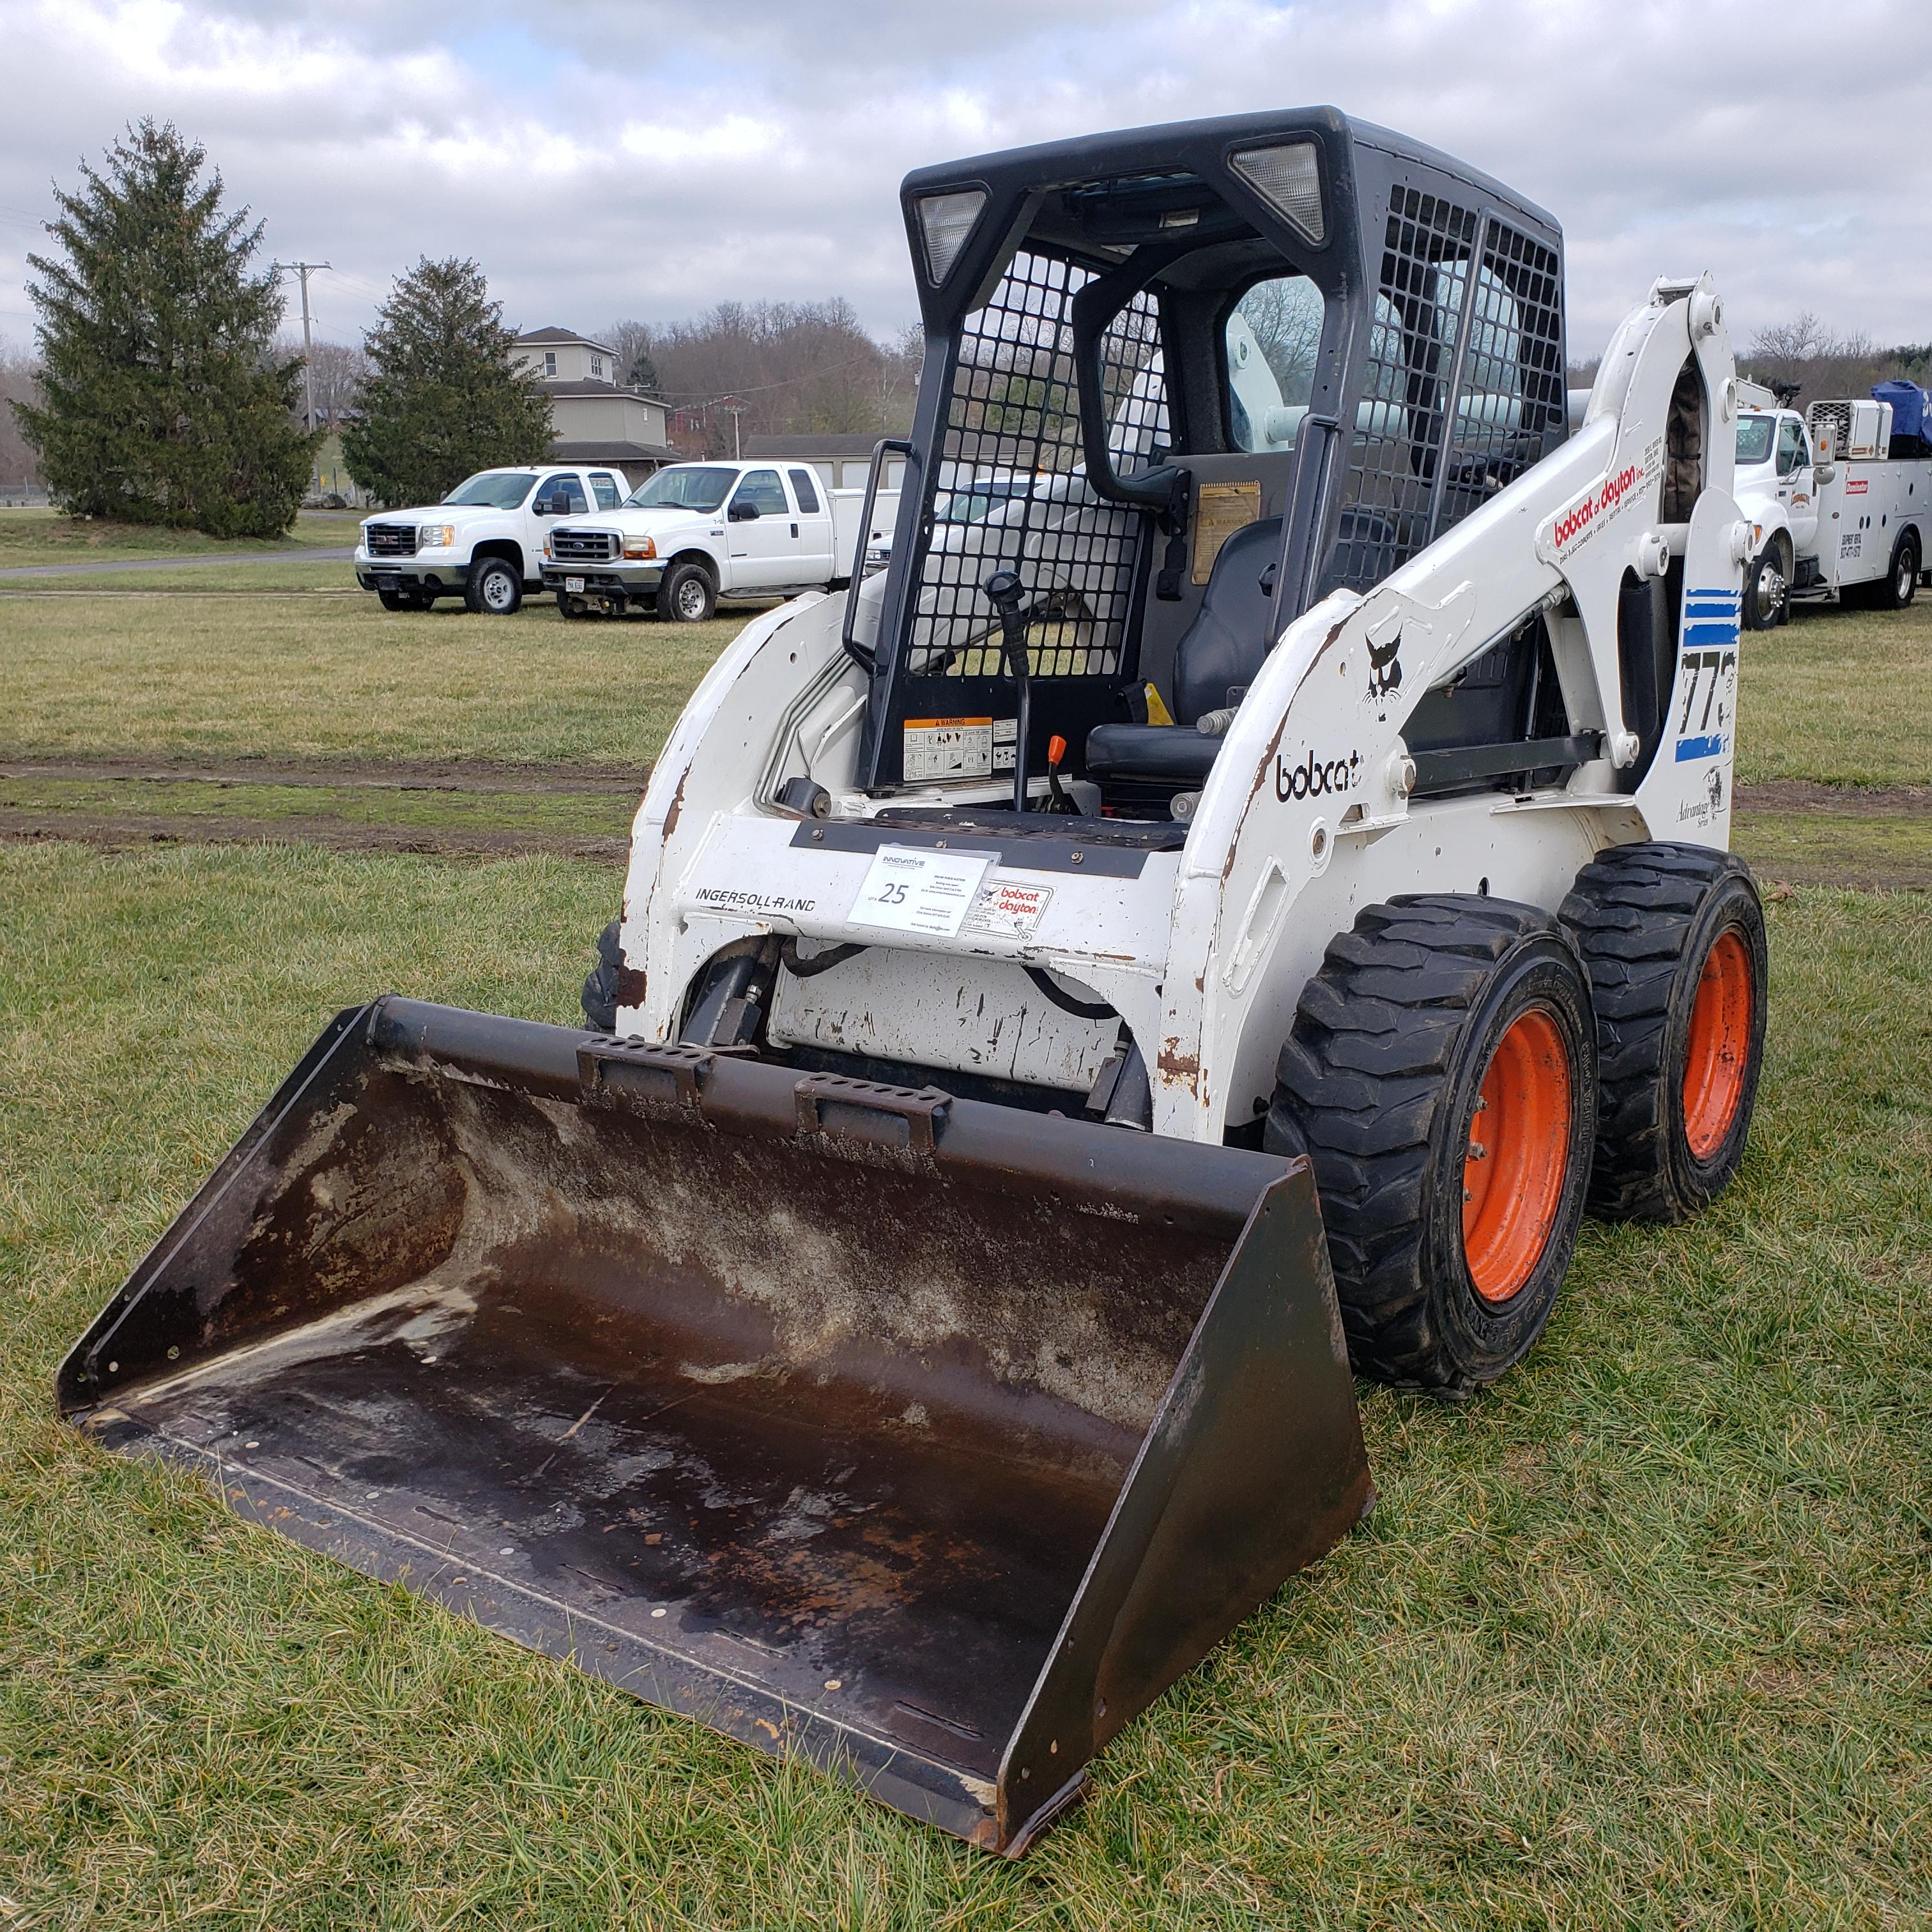 Lot 25 - Bobcat Model 773 Skid Steer, s/n 517615228, 1208 Hours, 78 in GP Bucket, Owner Operated Machine